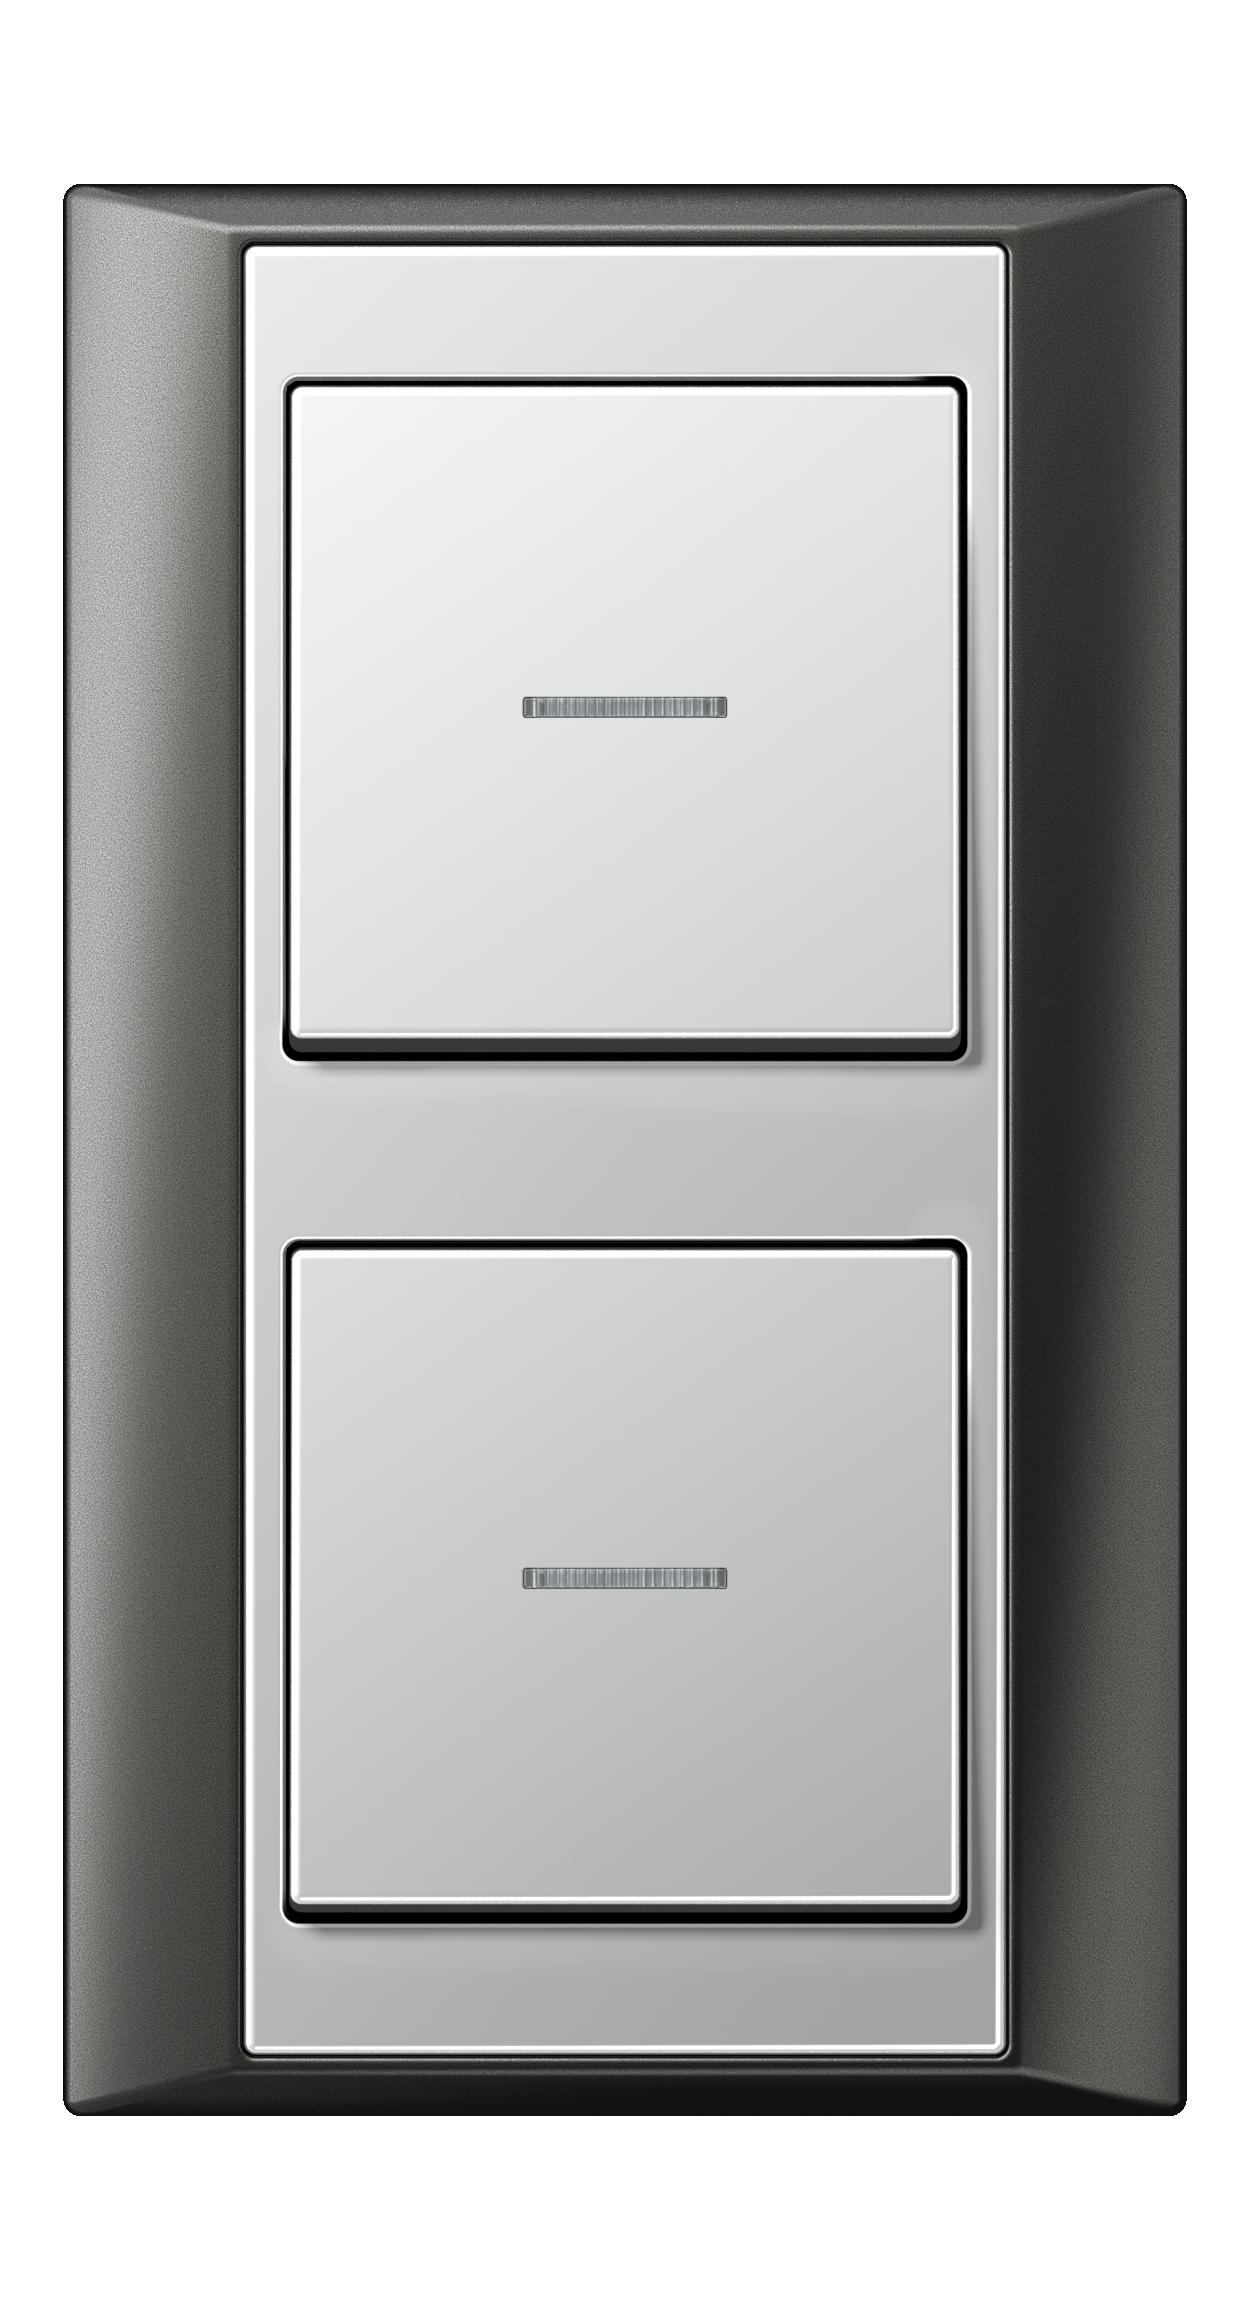 JUNG_Aplus_anthracite_aluminium_switch-lense_switch-lense